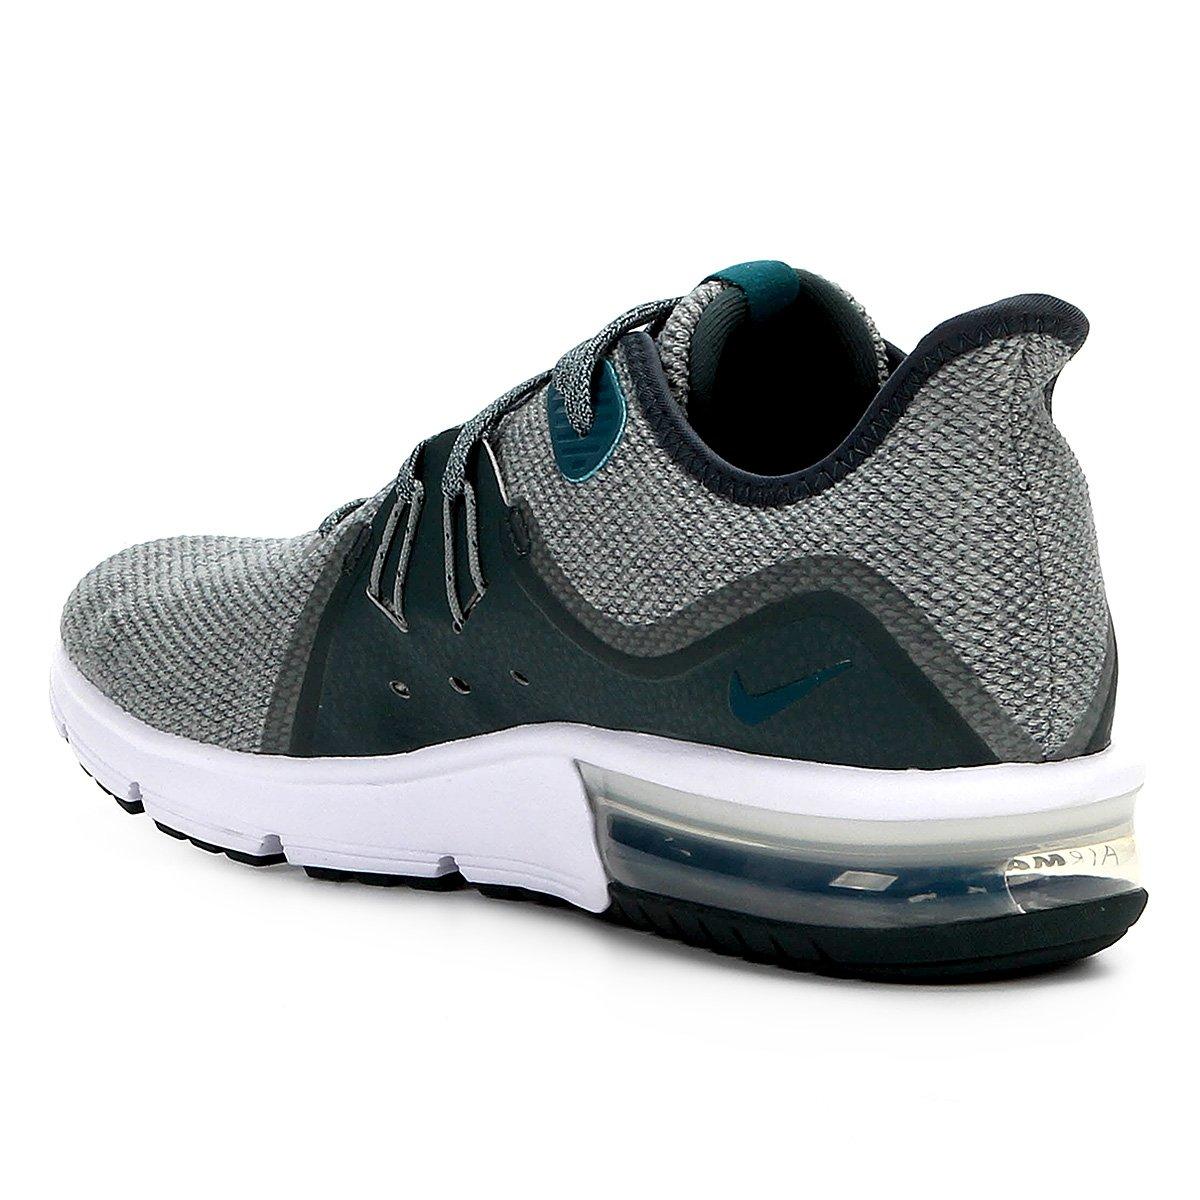 3f342951fc ... Tênis Nike Air Max Sequent 3 Masculino - Verde e Cinza - Compre .